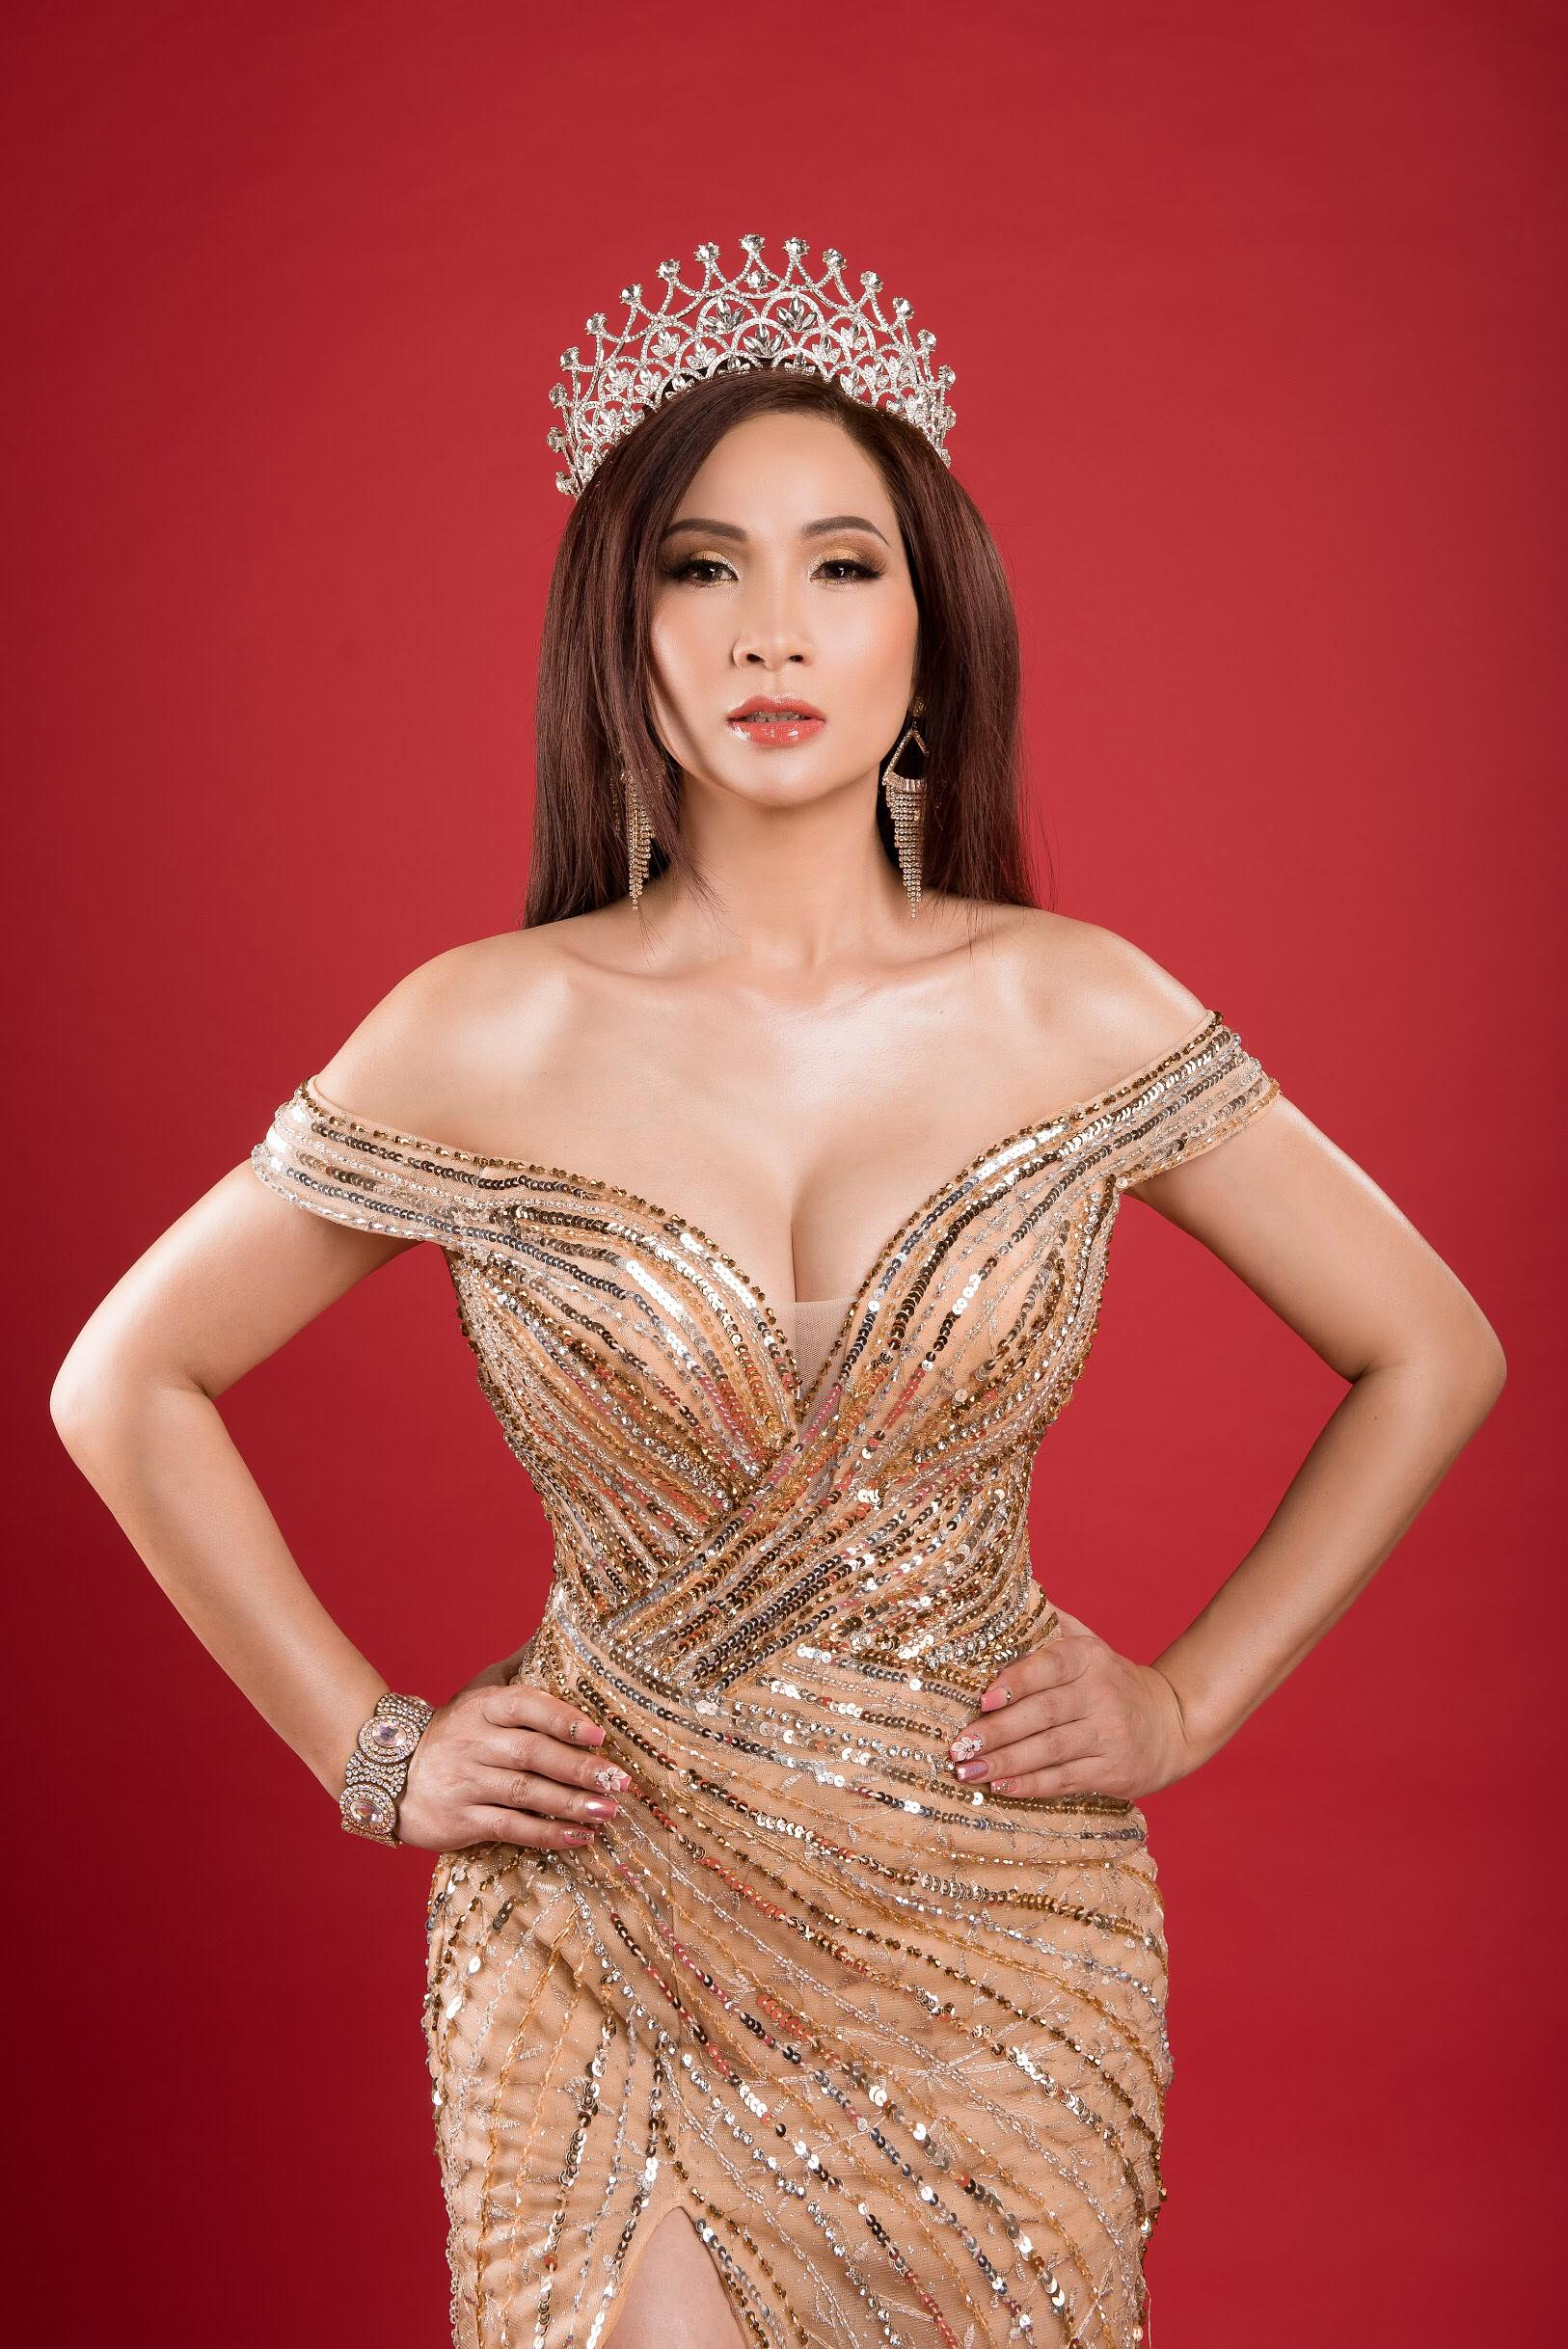 Hoa hậu VickyLin Đinh háo hức tổ chức cuộc thi nhan sắc tại Mỹ 1